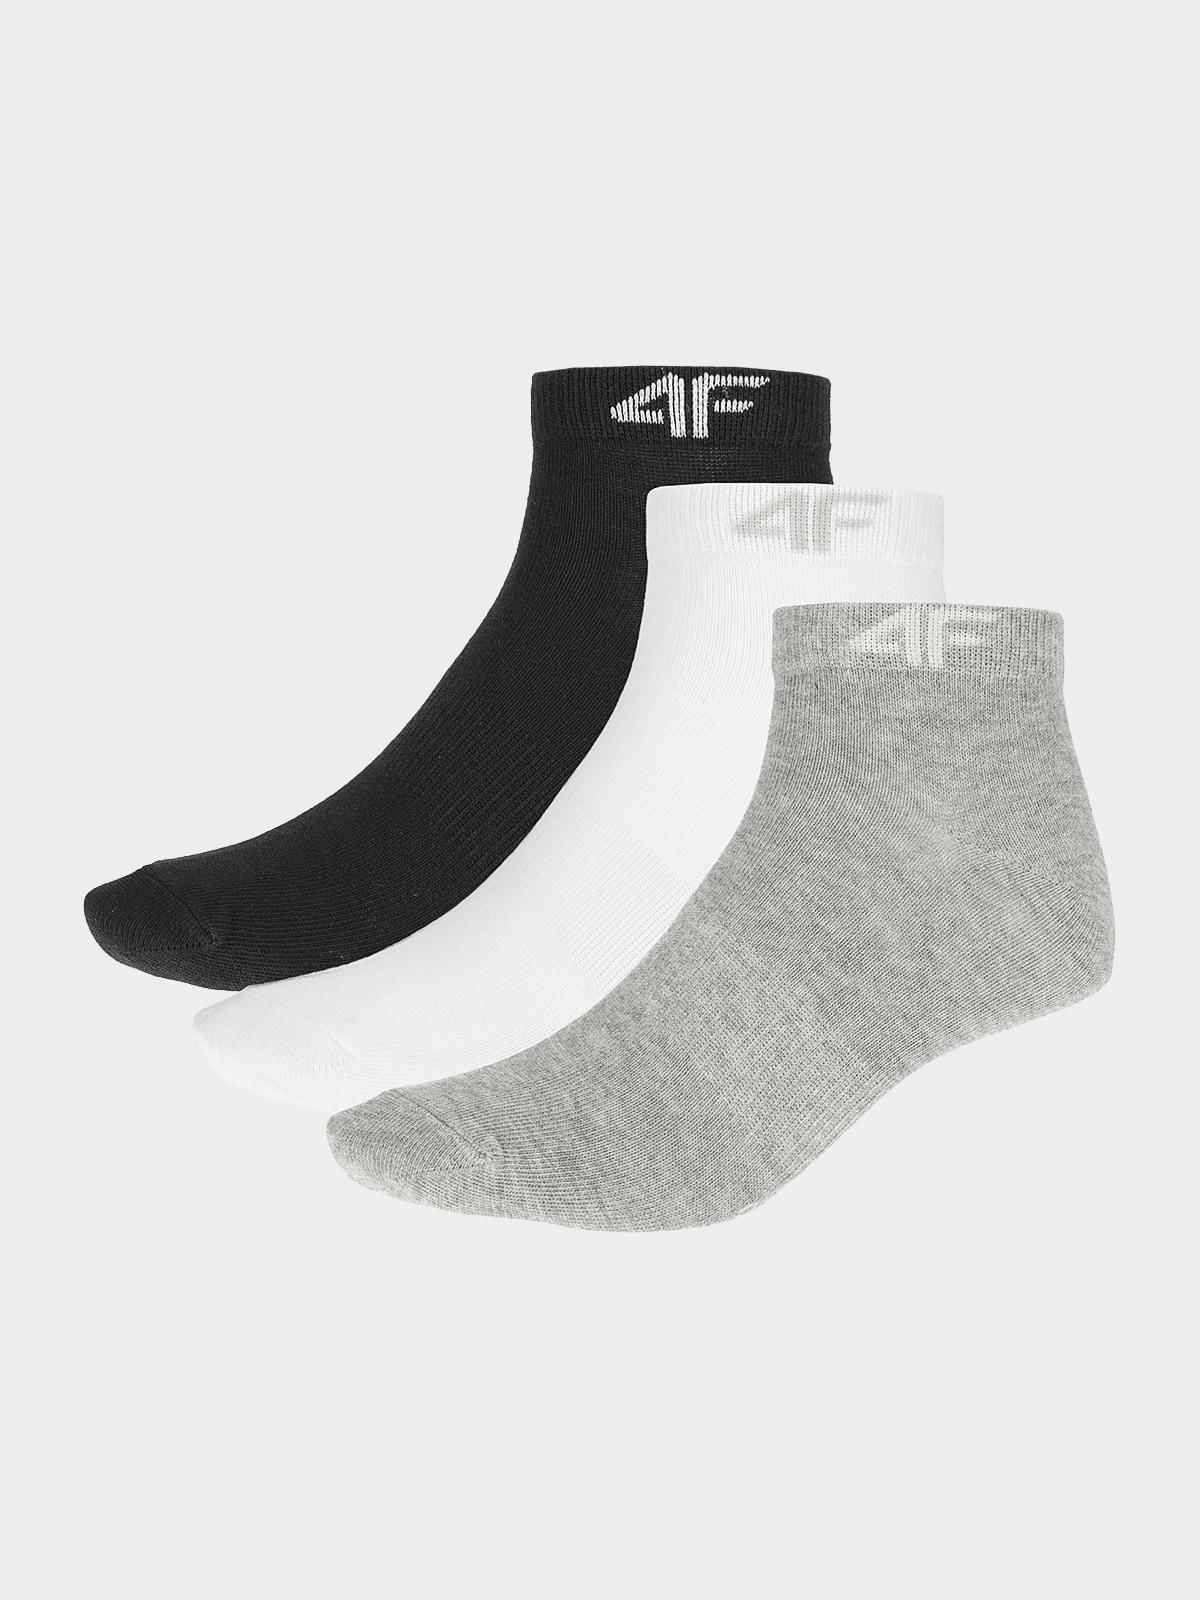 Dámské ponožky (3 páry) SOD002 - chladný světlé šedý melír+bílé+hluboké -